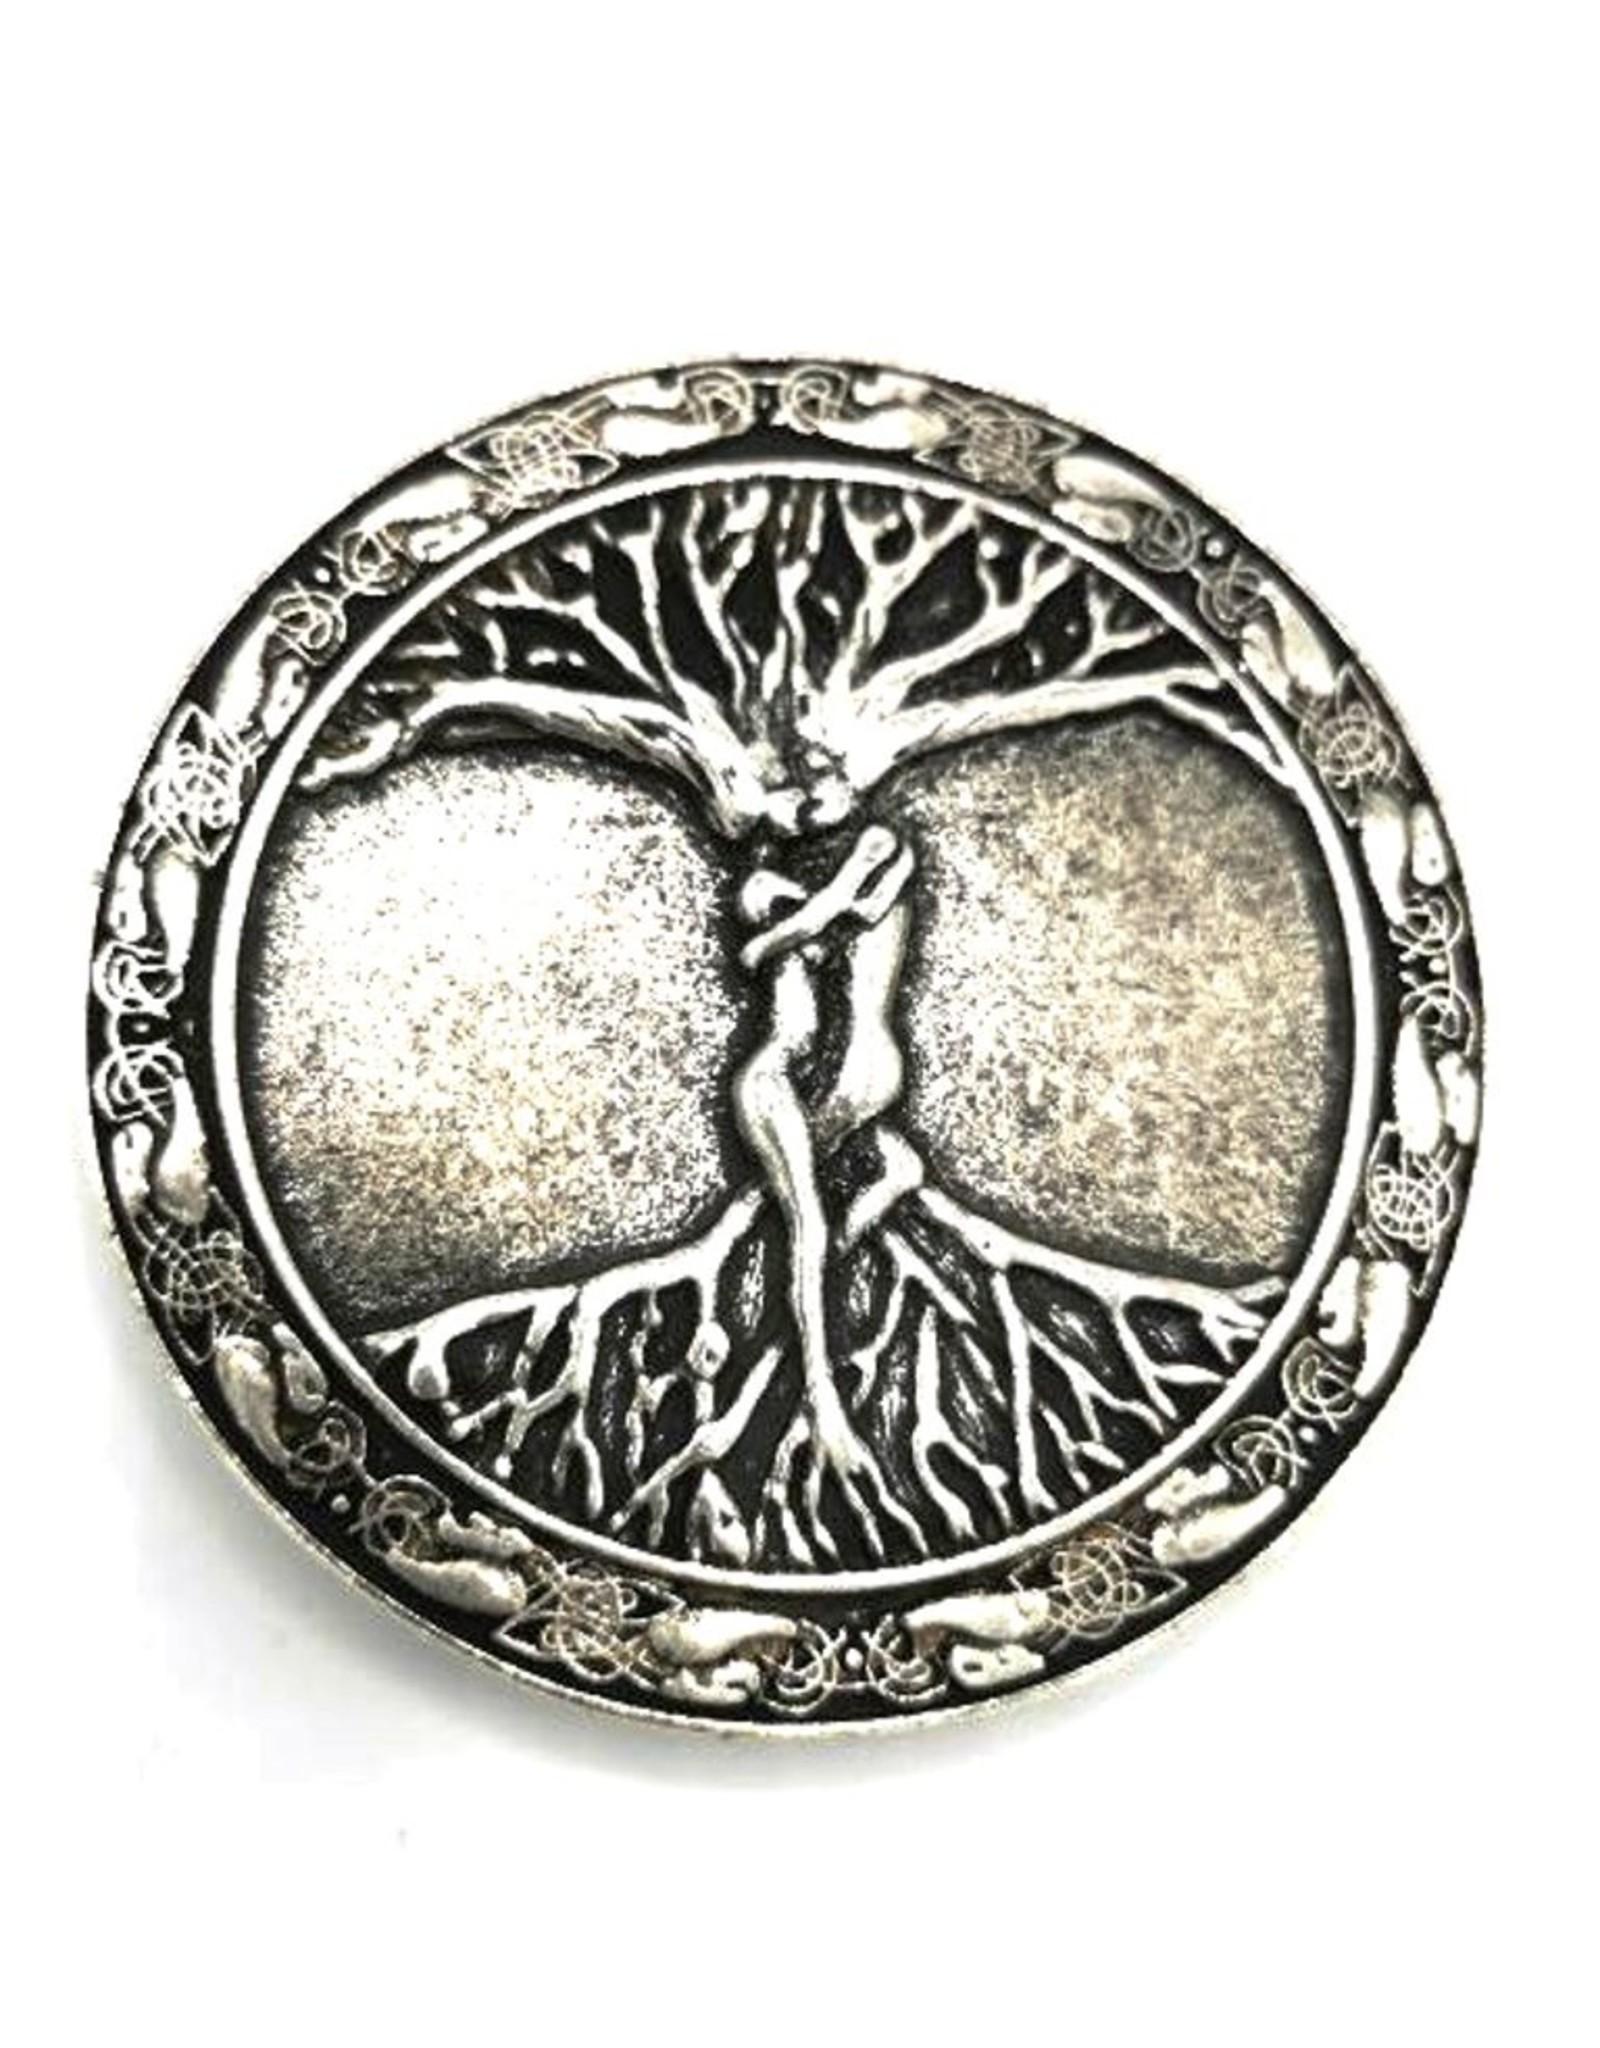 Acco Leren riemen en buckles - Buckle Tree of life